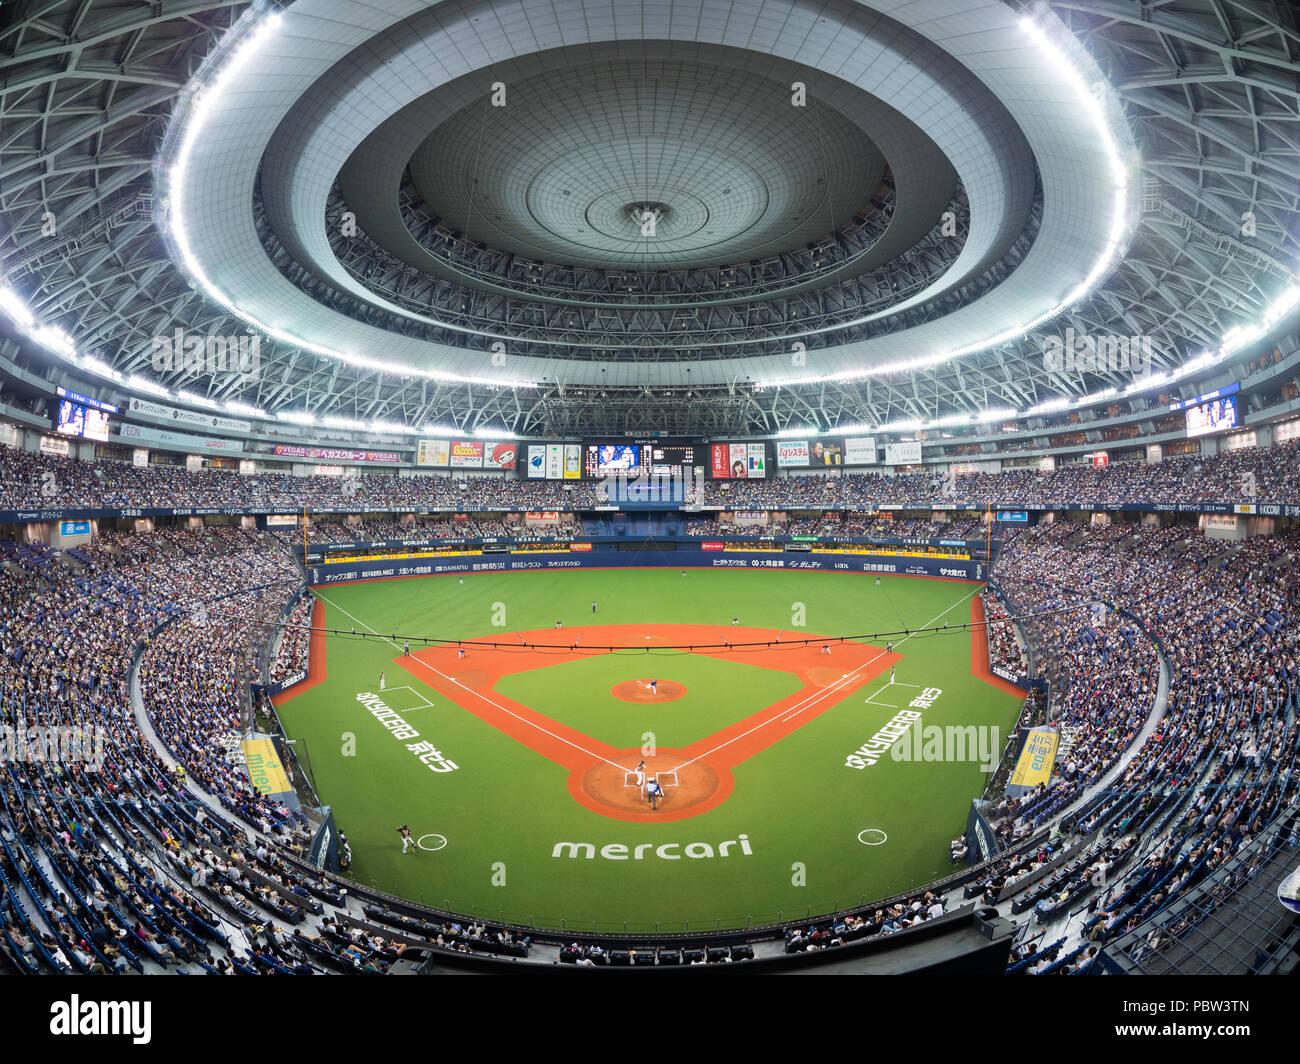 L'Osaka Orix Buffaloes riprodurre la Hokkaido Nippon Ham Fighters in Kyocera Dome di Osaka in Pacific campionato giapponese di baseball professionale azione. Immagini Stock